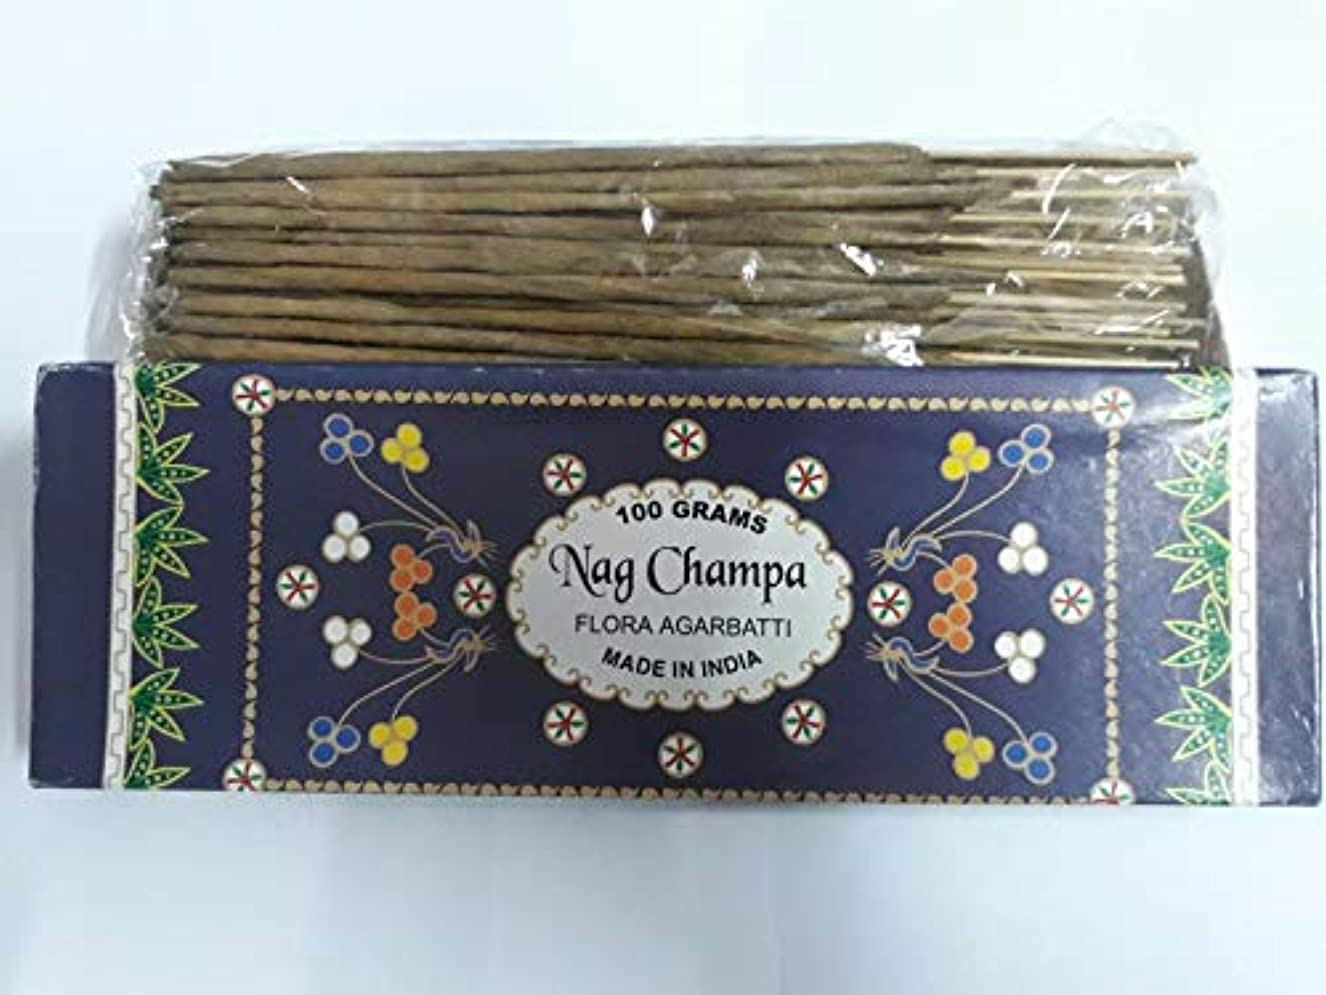 出費滑る柔和Nag Champa ナグチャンパ Agarbatti Incense Sticks 線香 100 grams Flora Agarbatti フローラ線香